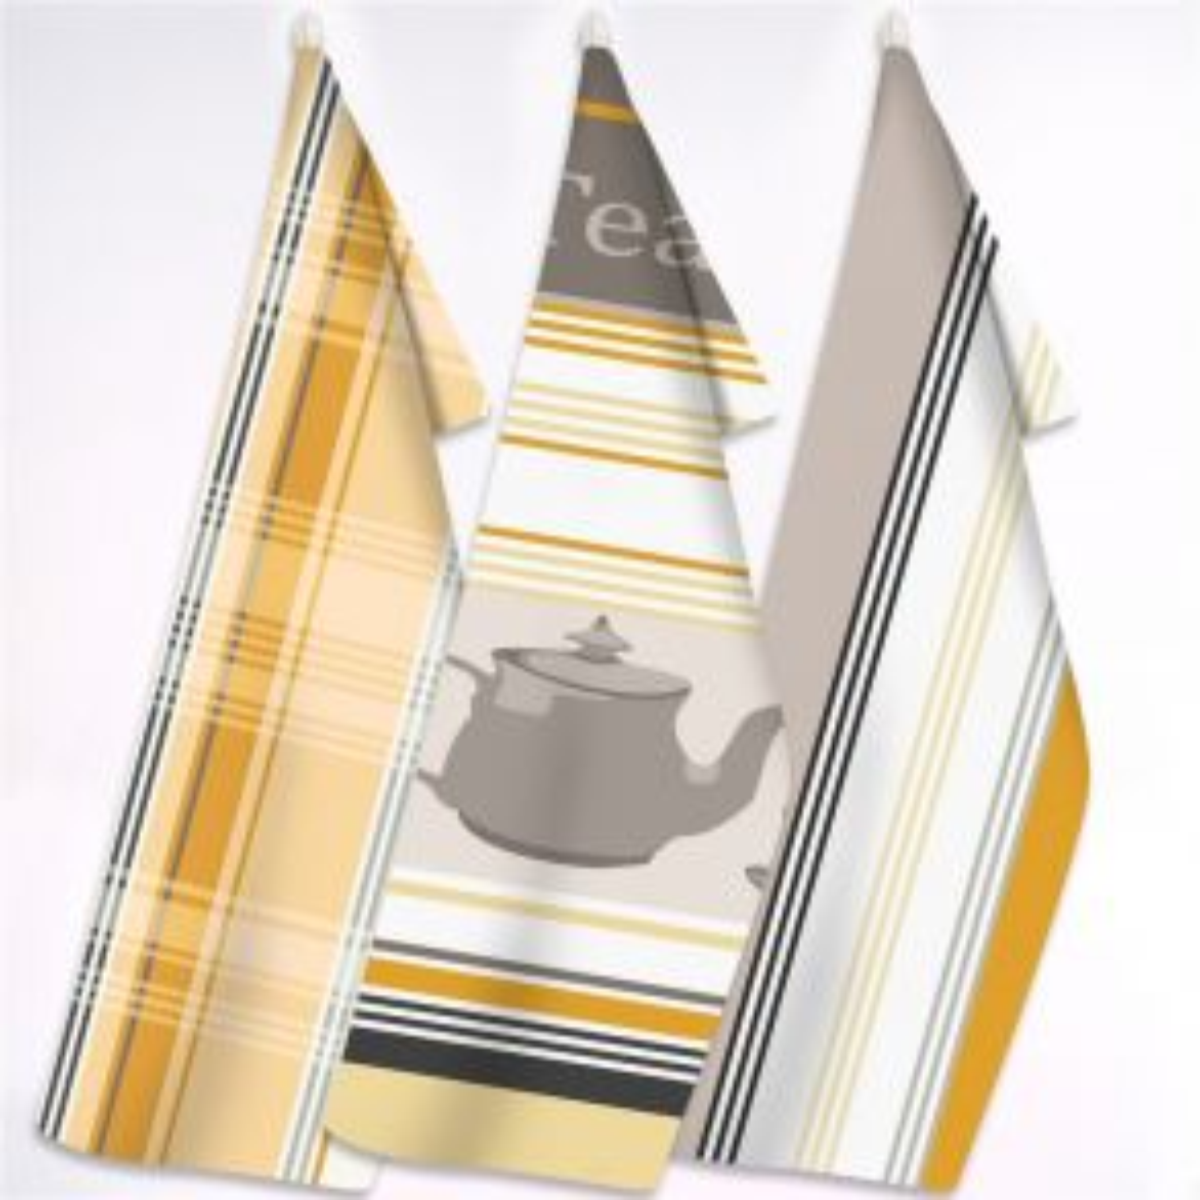 Zestaw 3 Ściereczek Kuchennych Exclusive III Tea Time